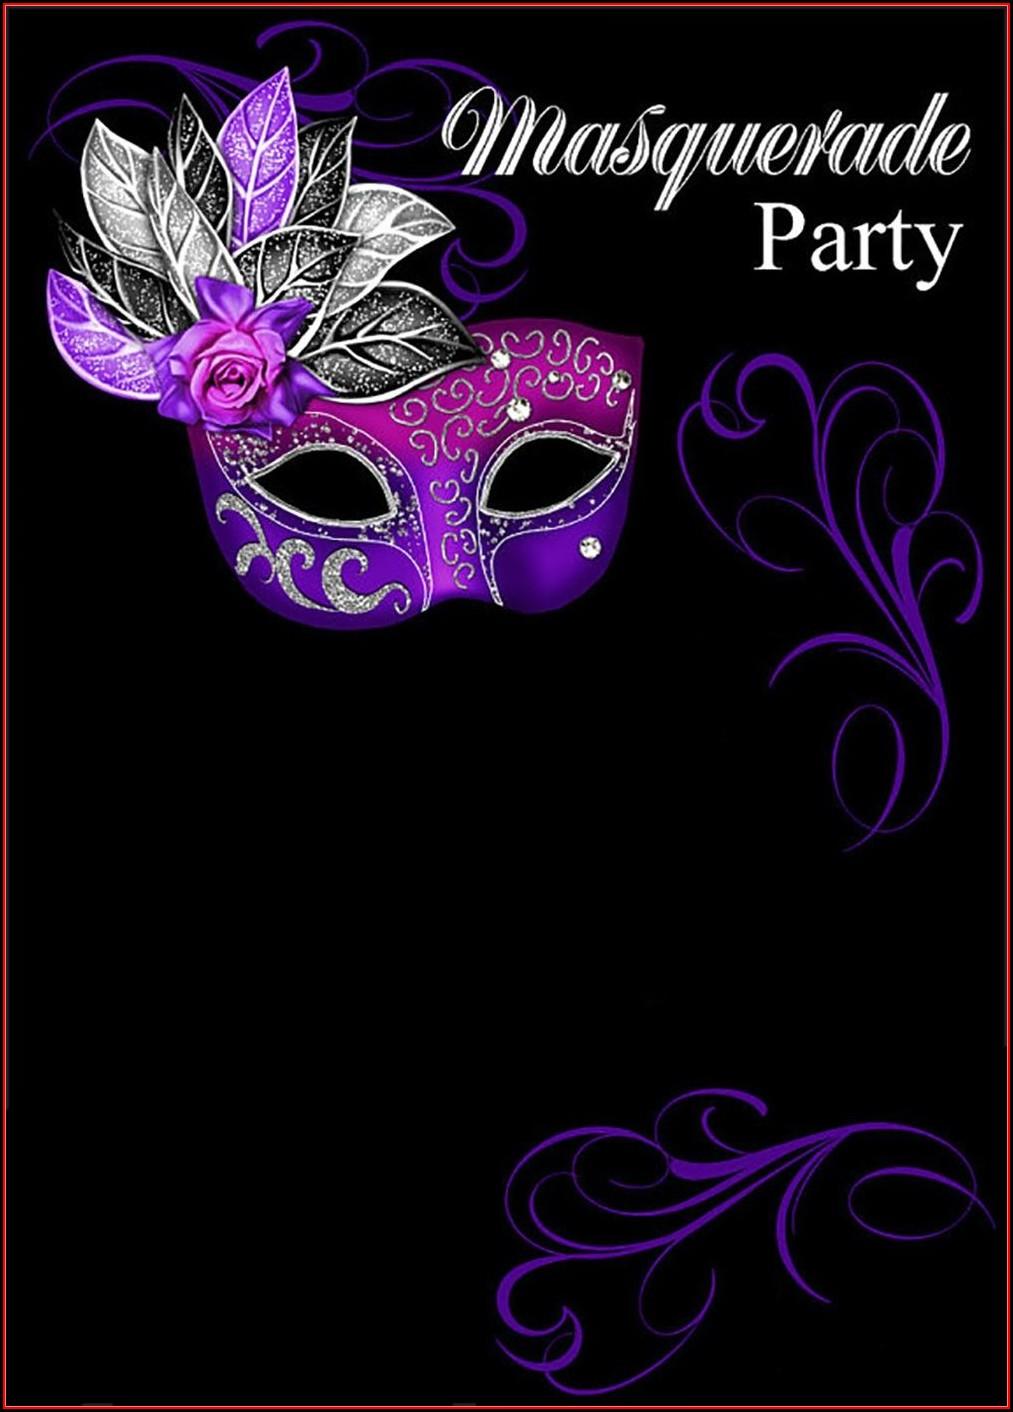 Masquerade Mask Invitation Template Free